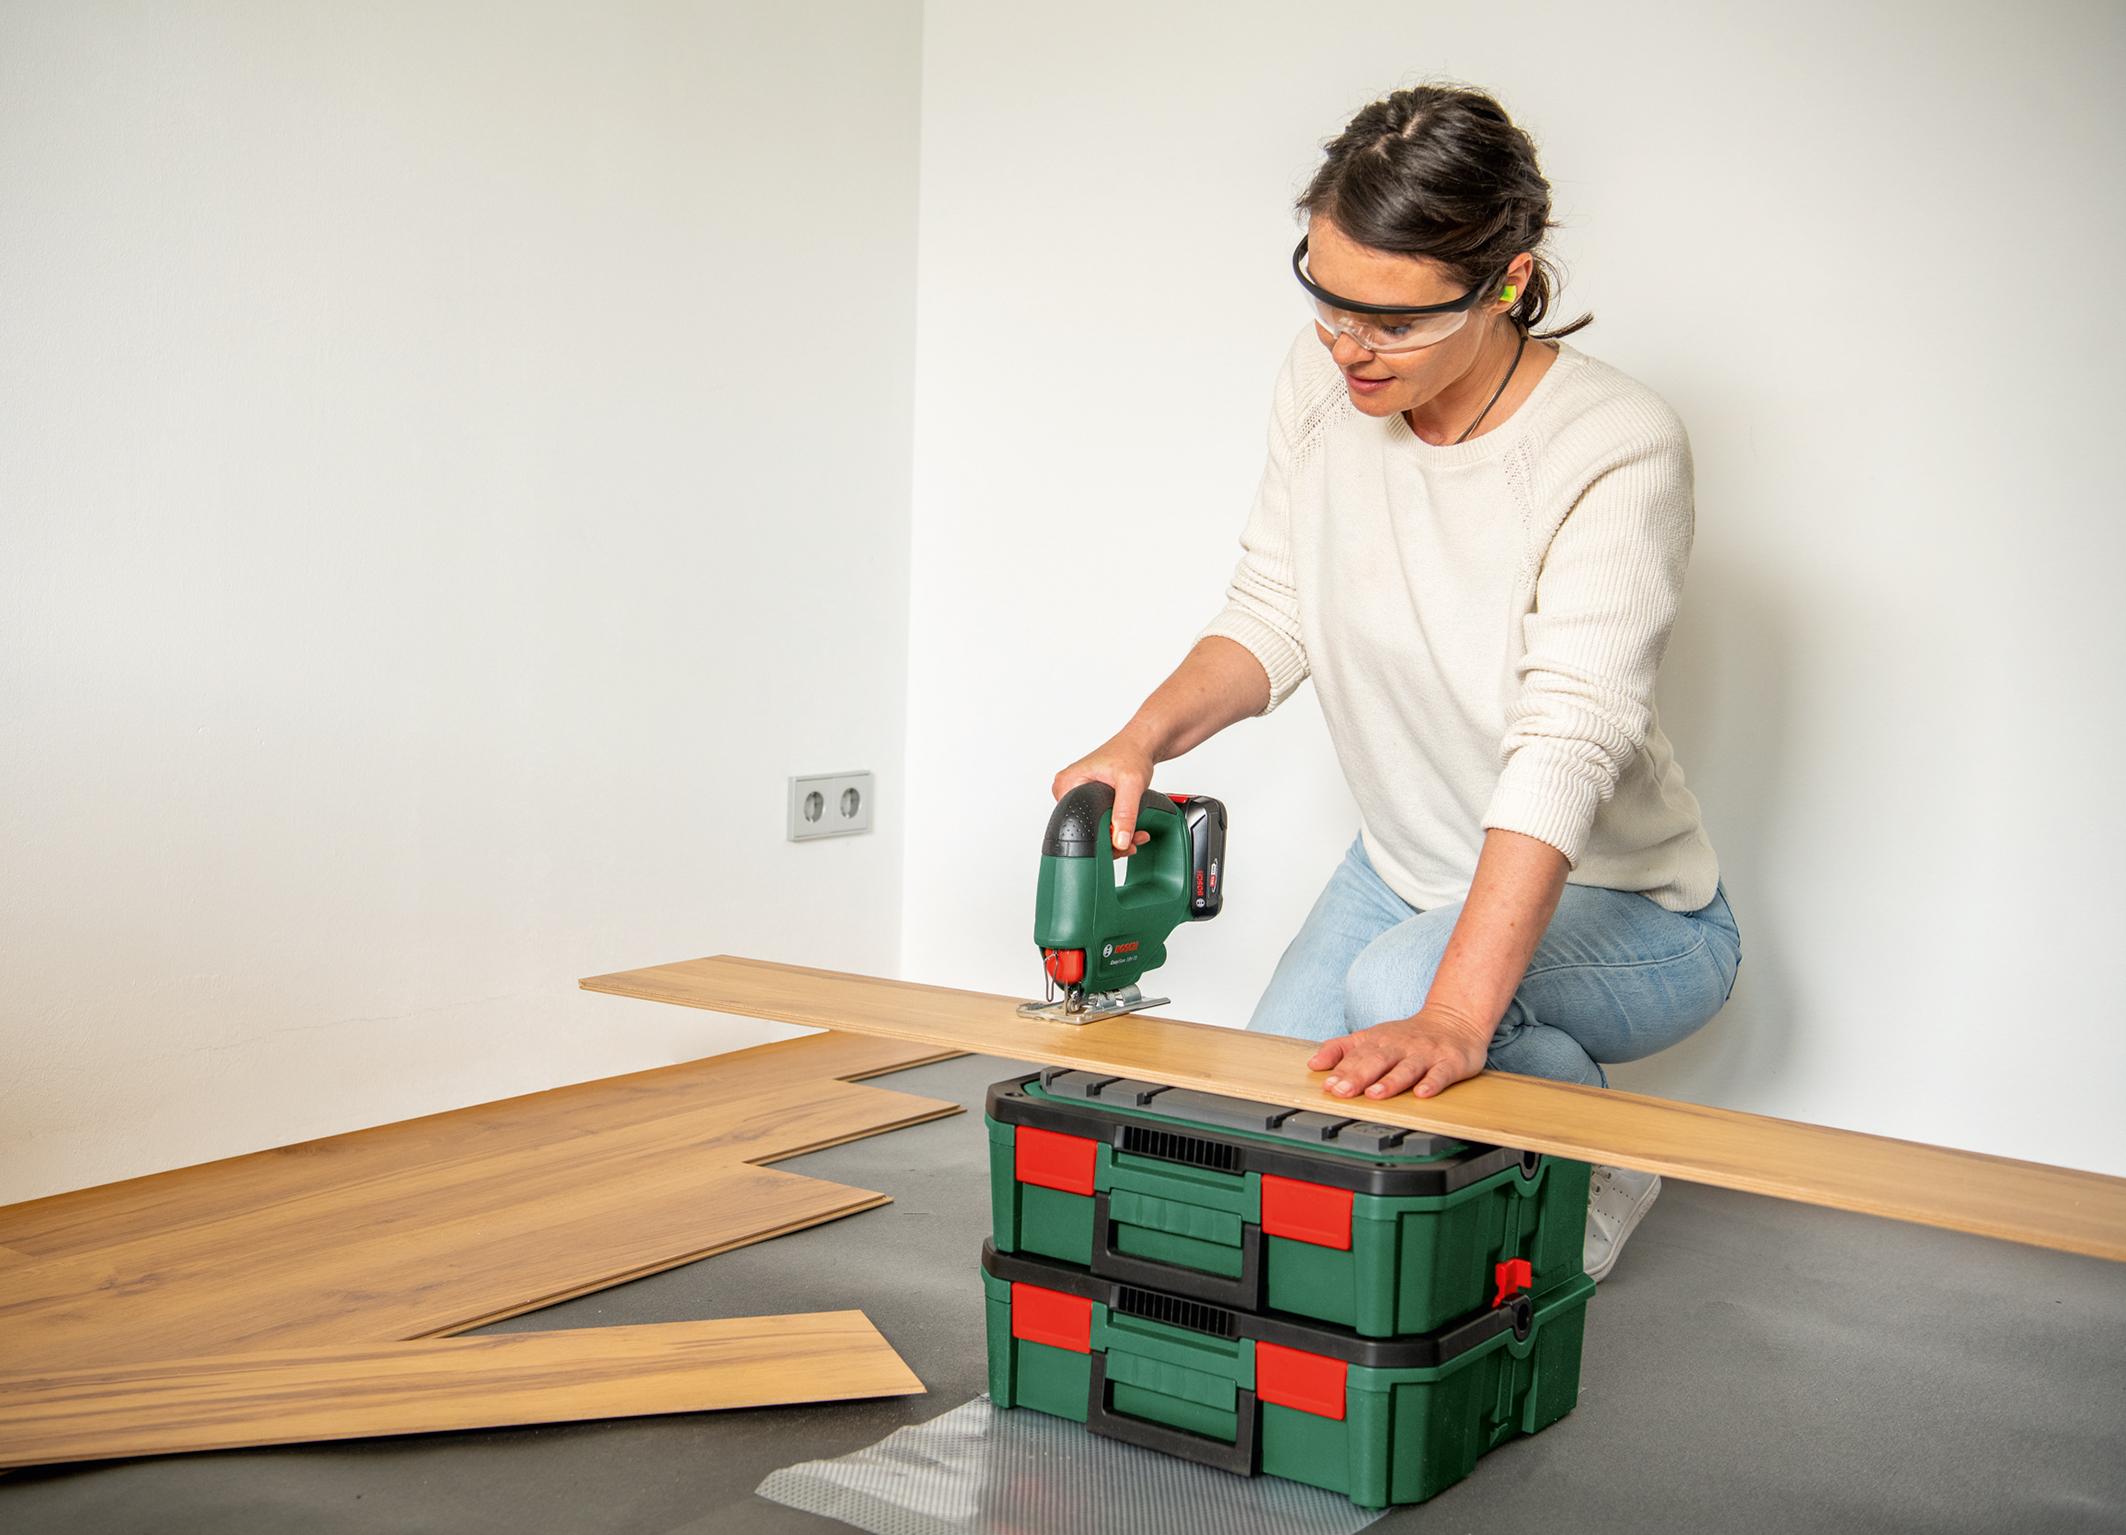 Erste Akku-Stichsäge im Einstiegssegment:  EasySaw 18V-70 von Bosch für Heimwerker